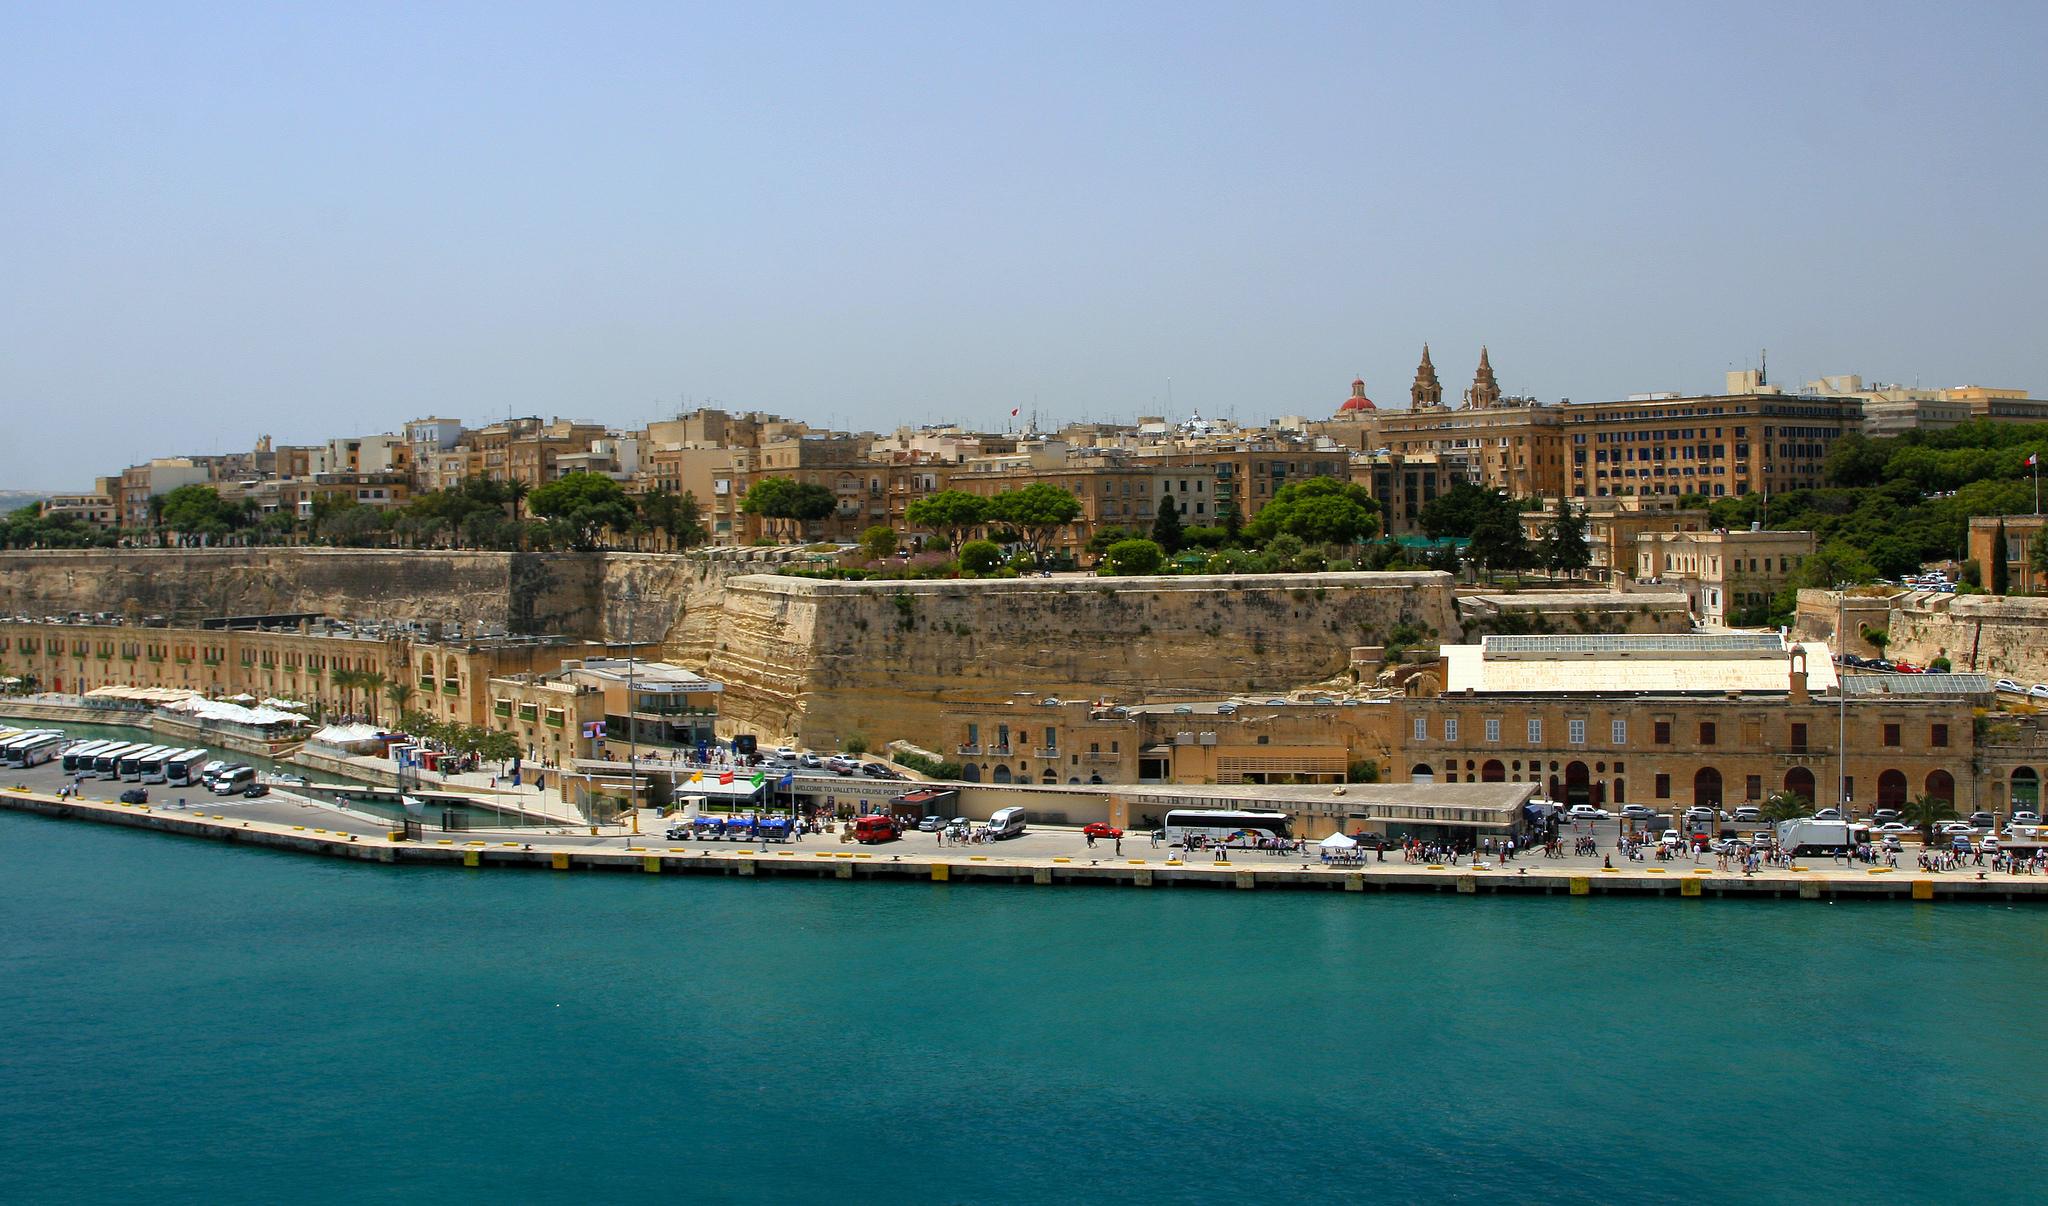 Wetter Auf Malta Heute